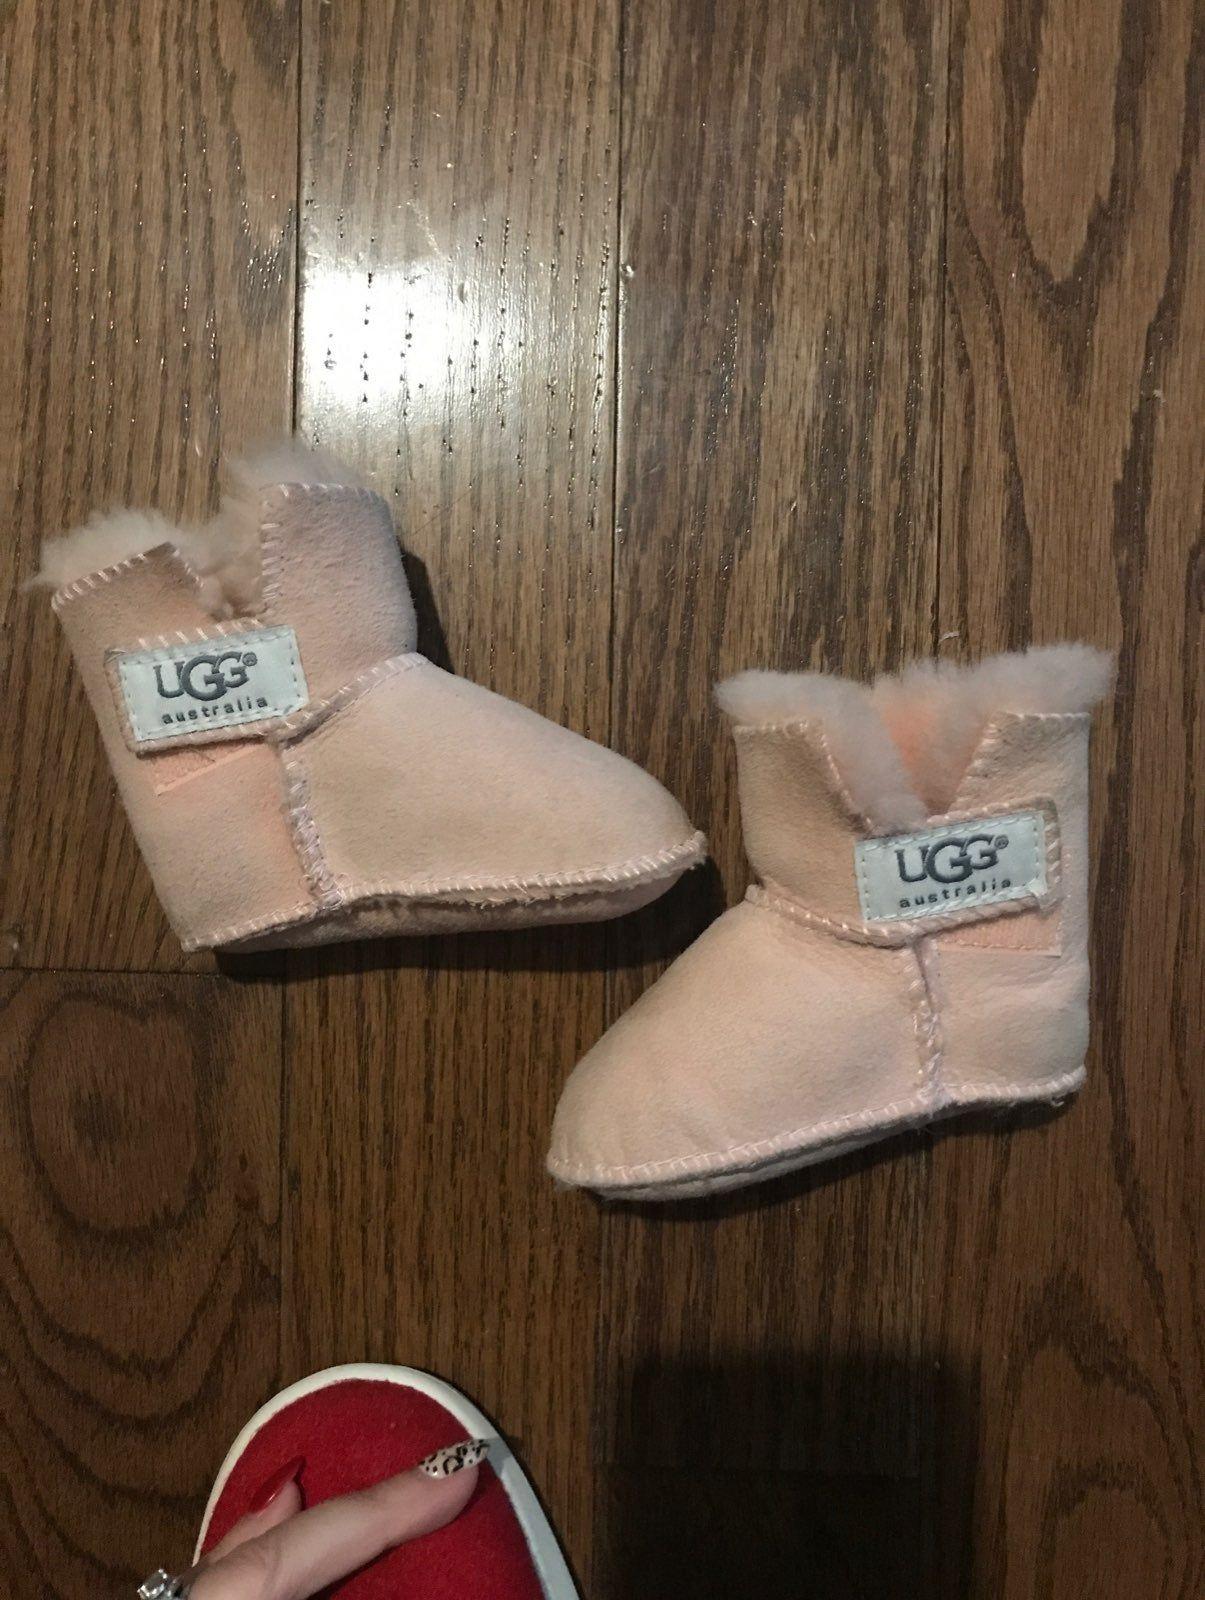 Baby uggs, Ugg boots